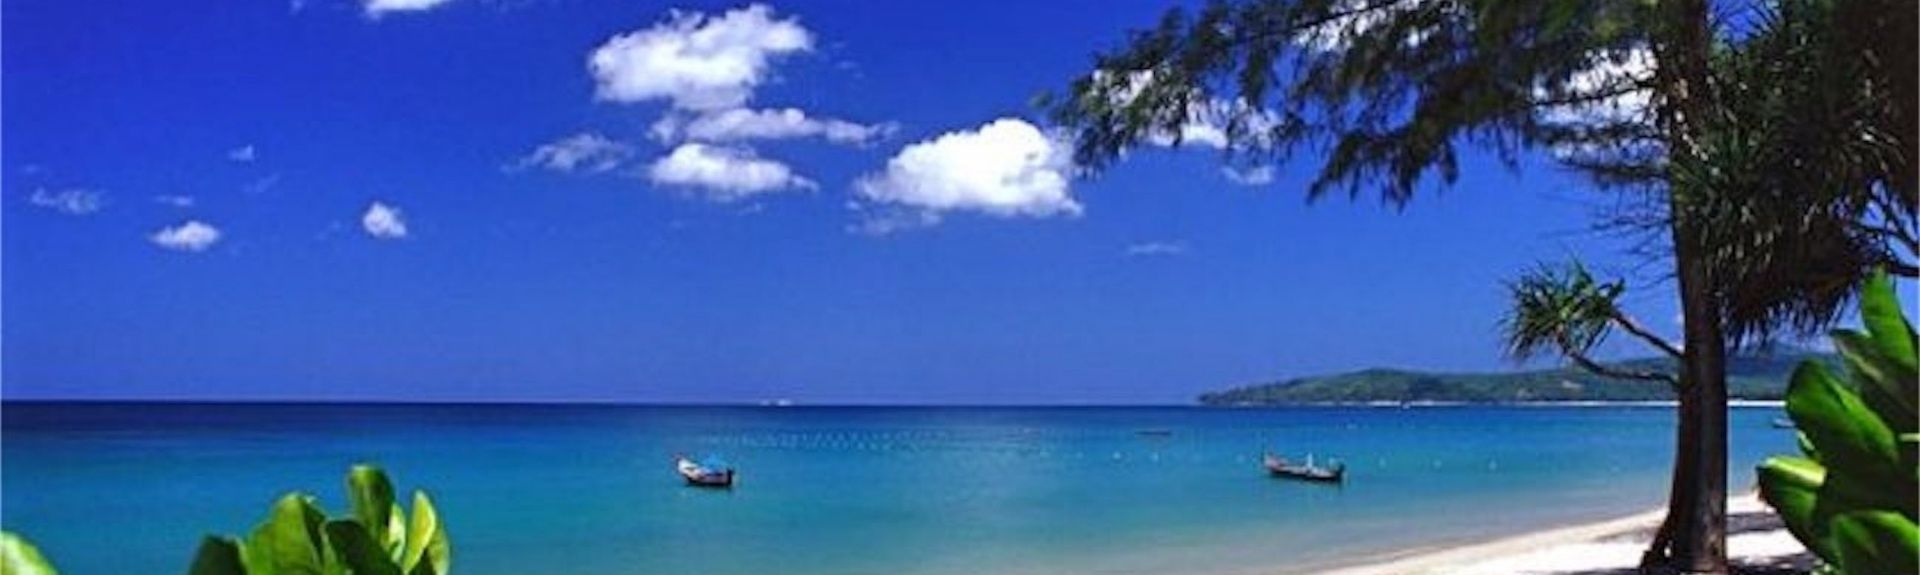 Kata Beach, Karon, Mueang Phuket District, Phuket, Thailand